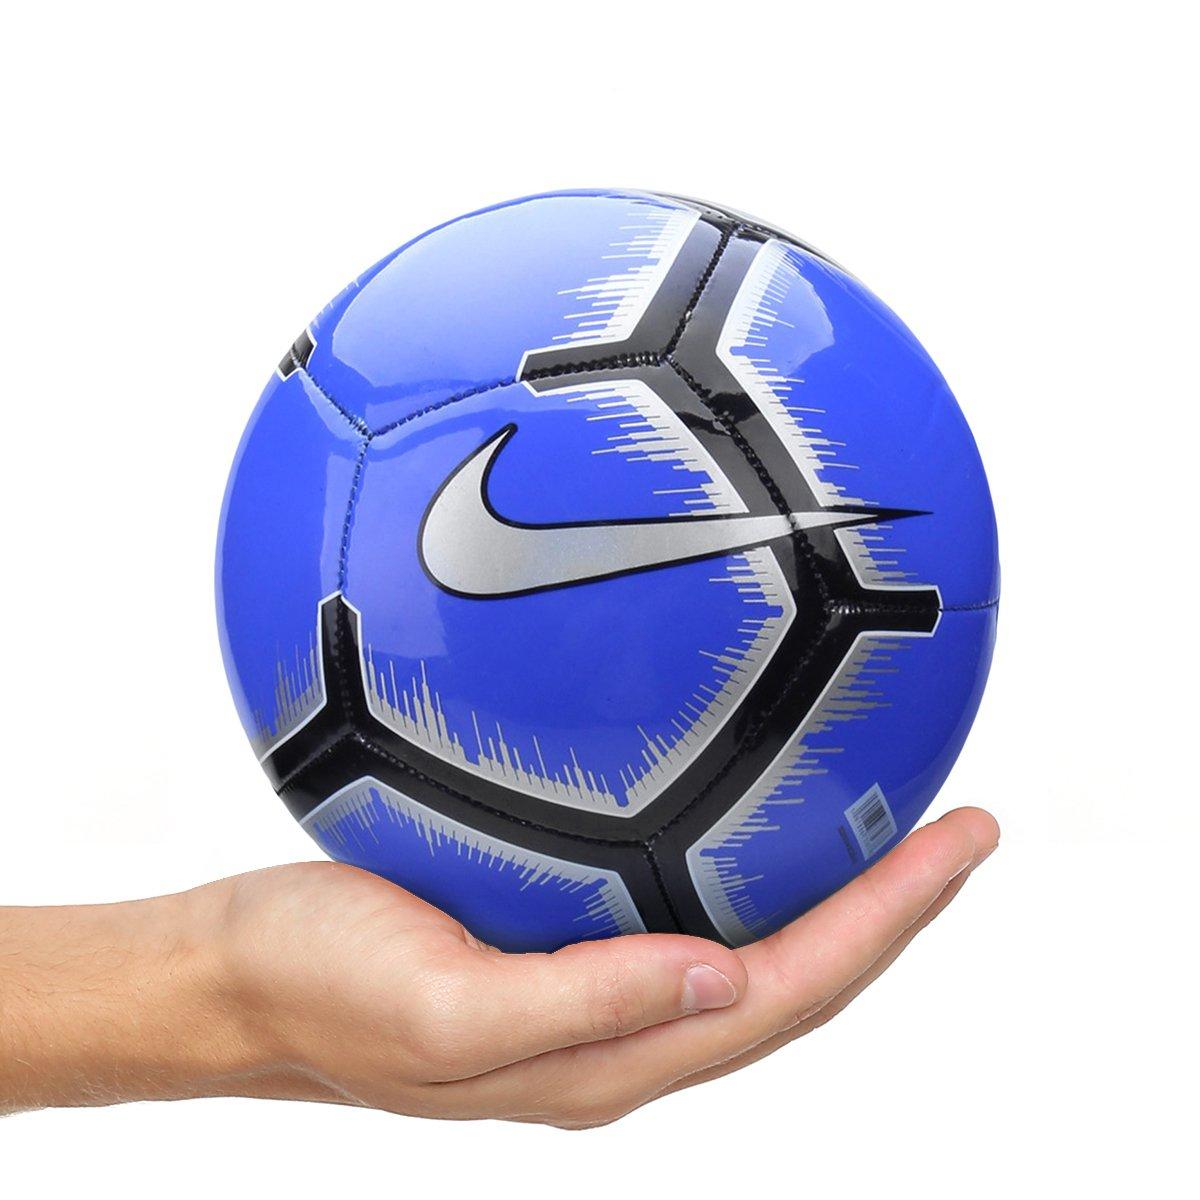 d71e012ba3aaa Mini Bola de Futebol Nike Skills - Azul e Preto - Compre Agora ...